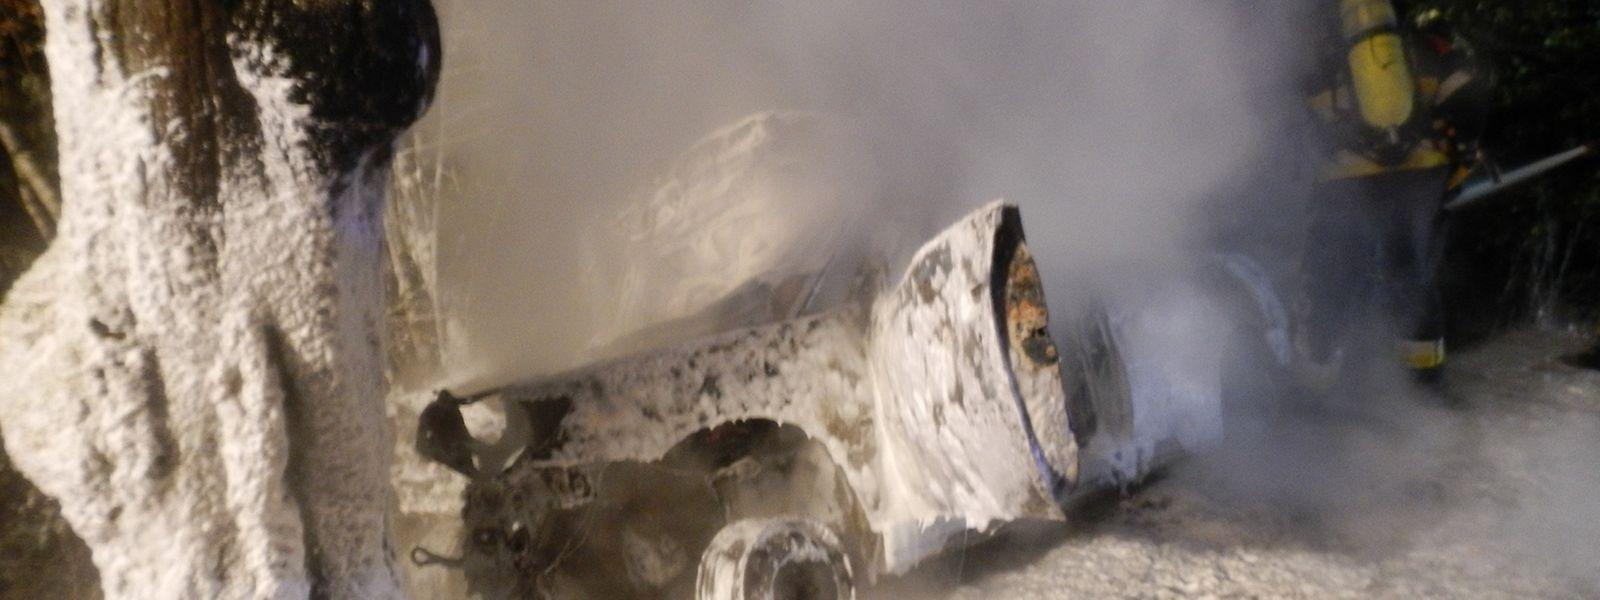 Die Feuerwehr bekämpfte den Brand mit Lösch-Schaum.